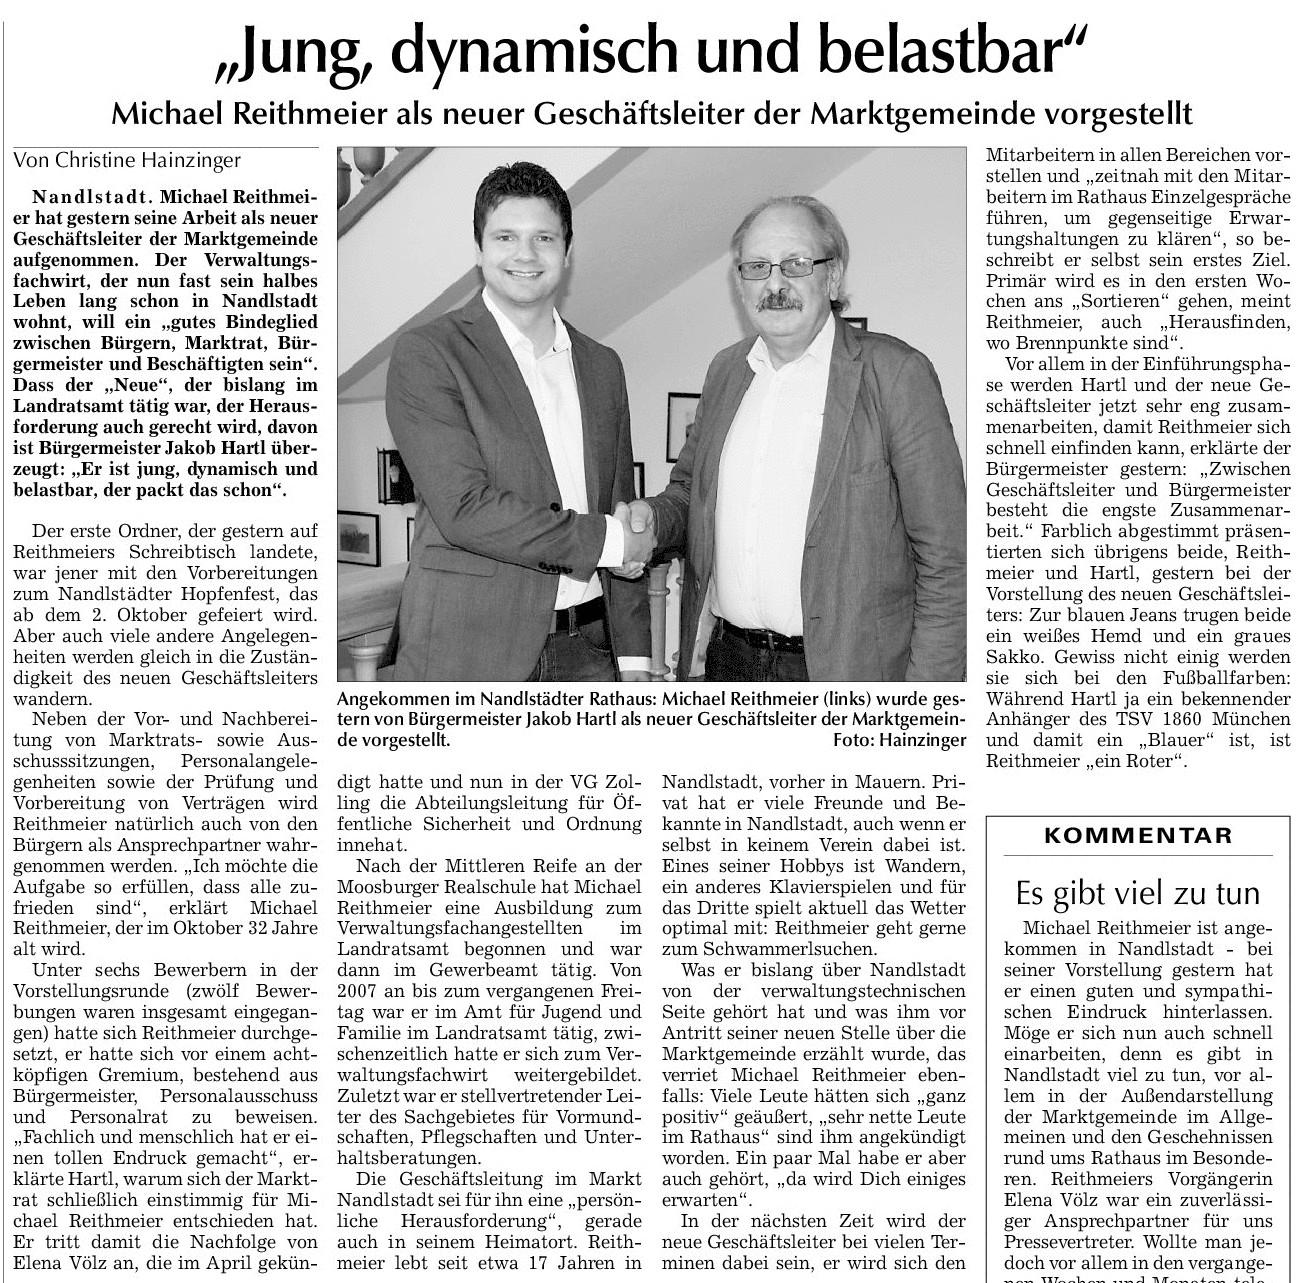 Michael Reithmeier als neuer Geschäftsführer der Marktgemeinde vorgestellt